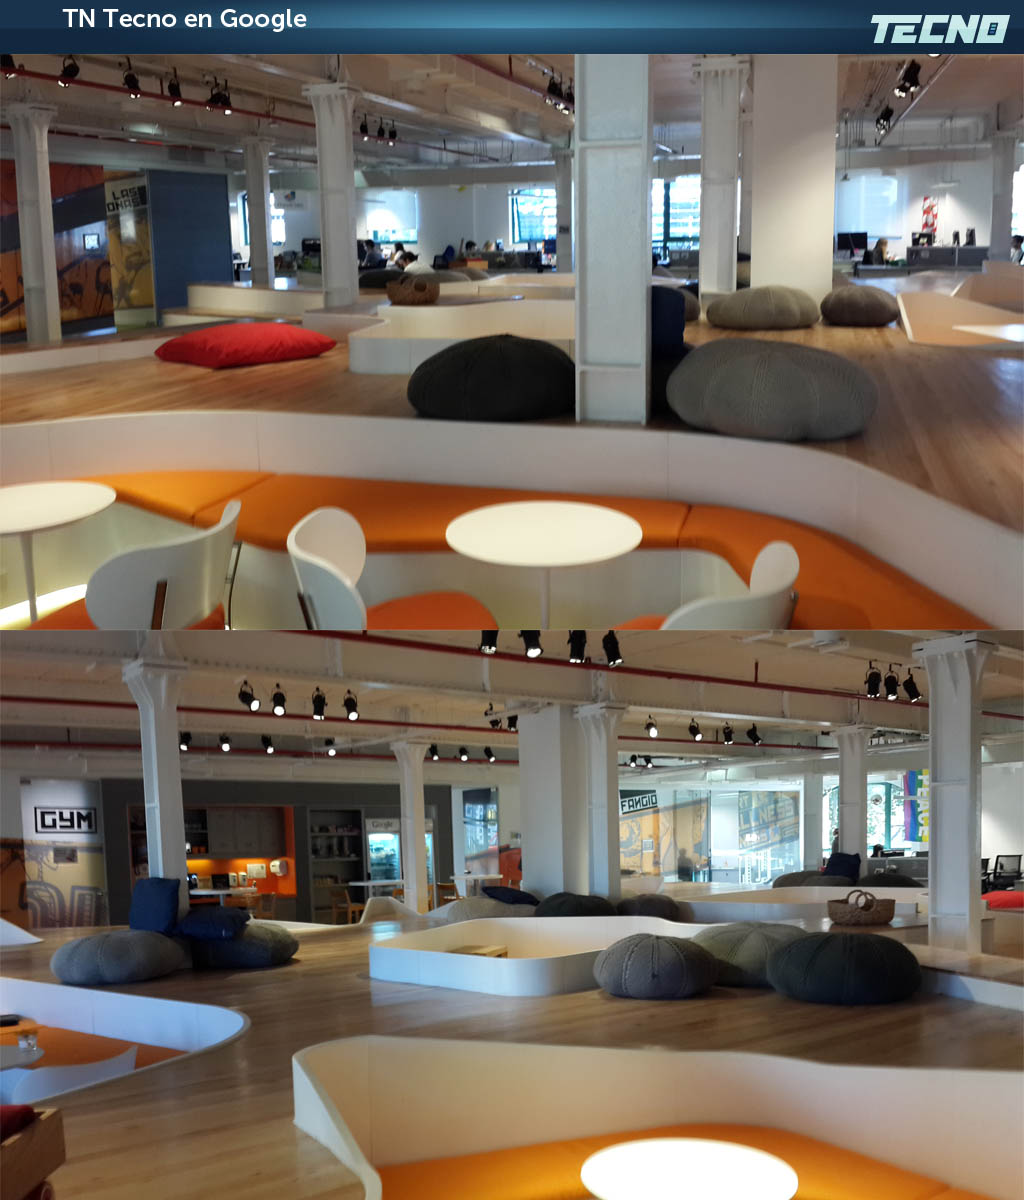 Visita interactiva tn tecno en las oficinas de google for Google argentina oficinas